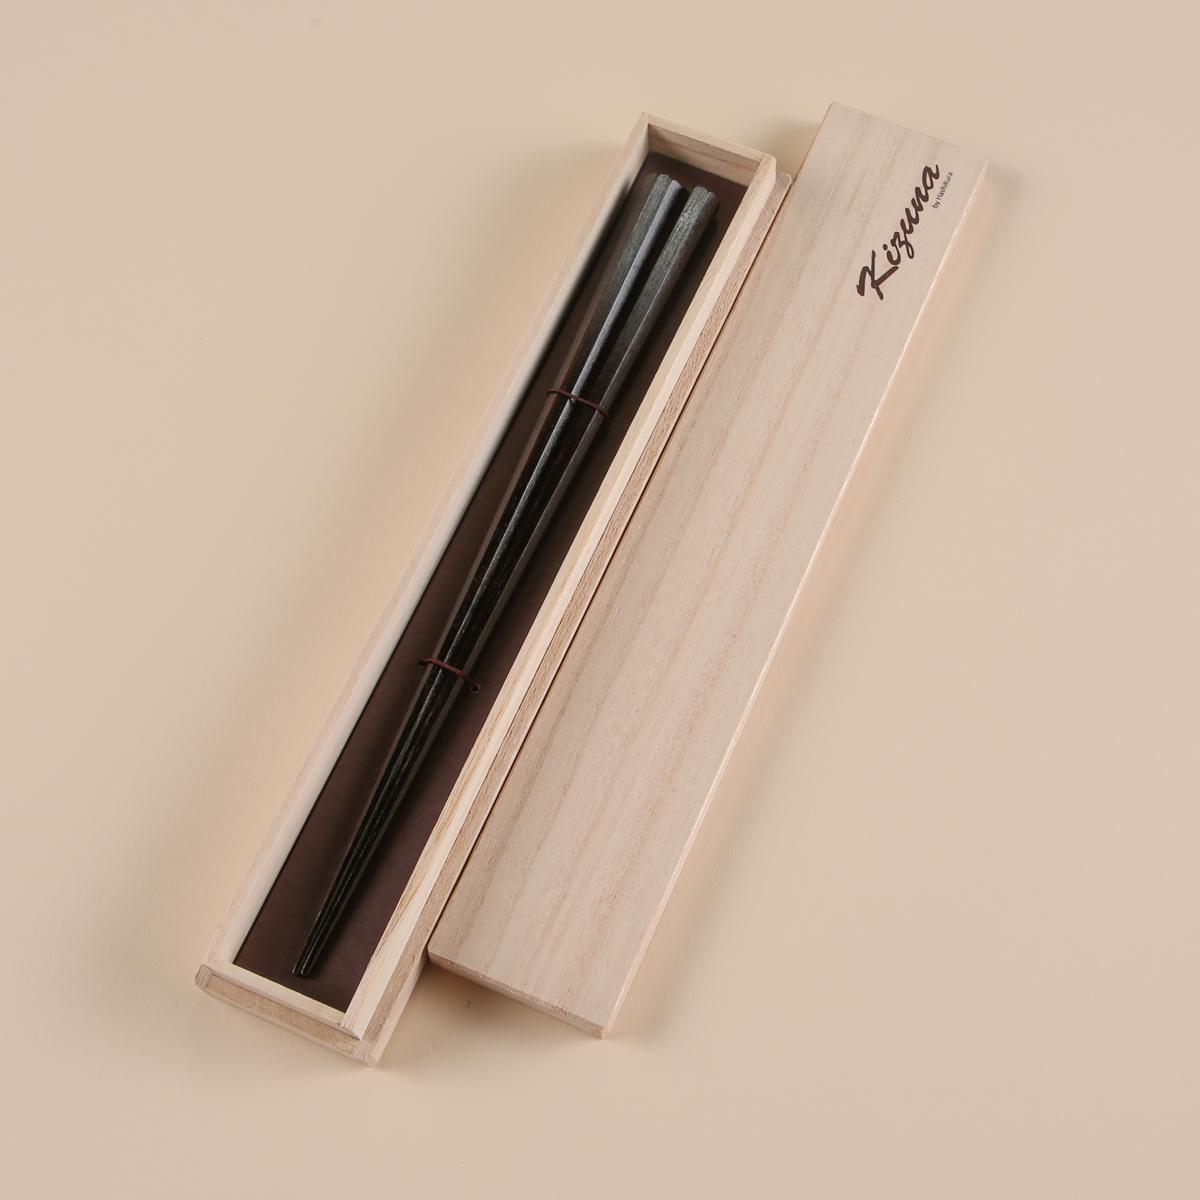 八角黒檀 -絆- 23.5cm